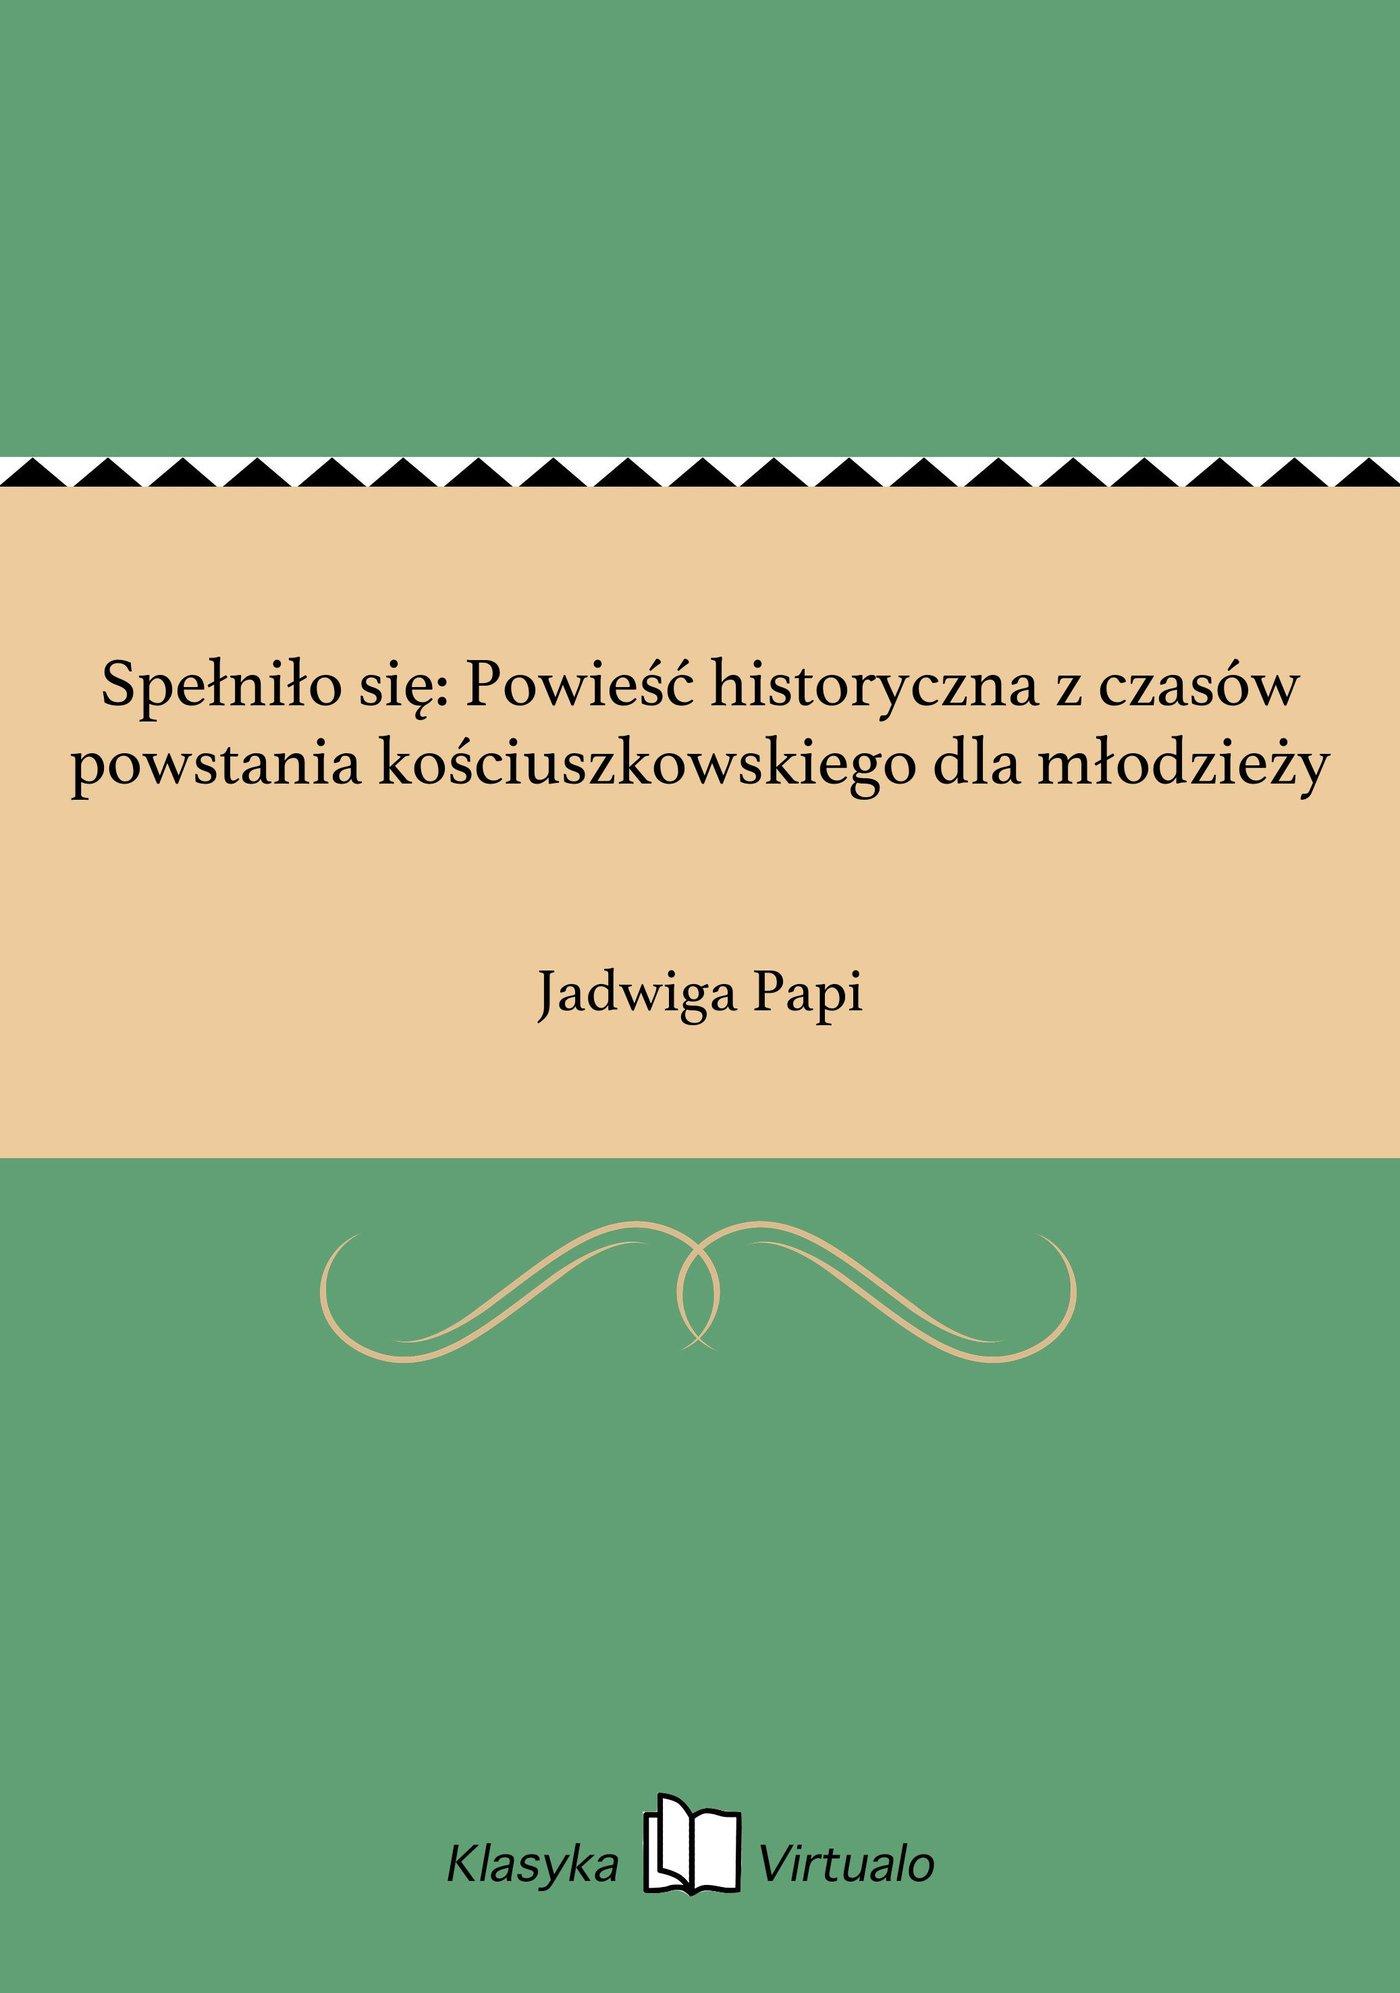 Spełniło się: Powieść historyczna z czasów powstania kościuszkowskiego dla młodzieży - Ebook (Książka EPUB) do pobrania w formacie EPUB